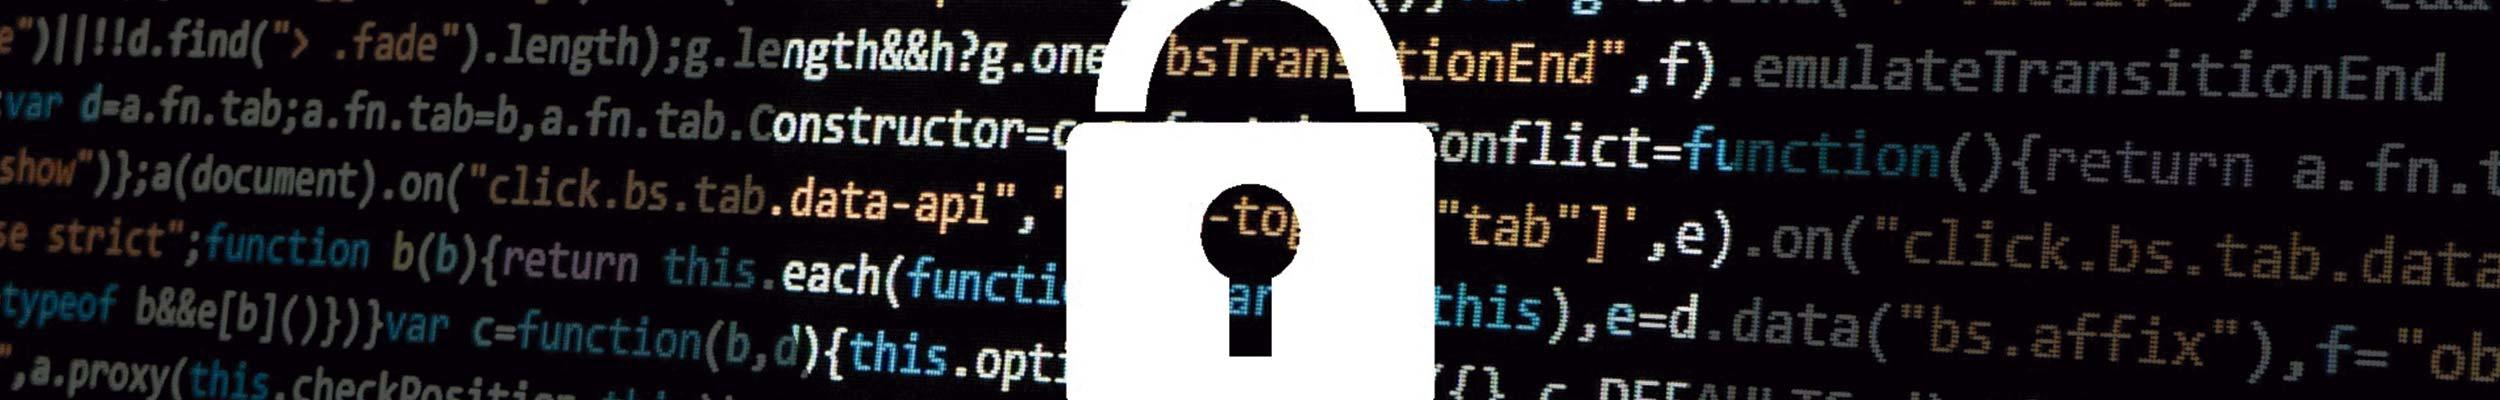 politica-privacidad